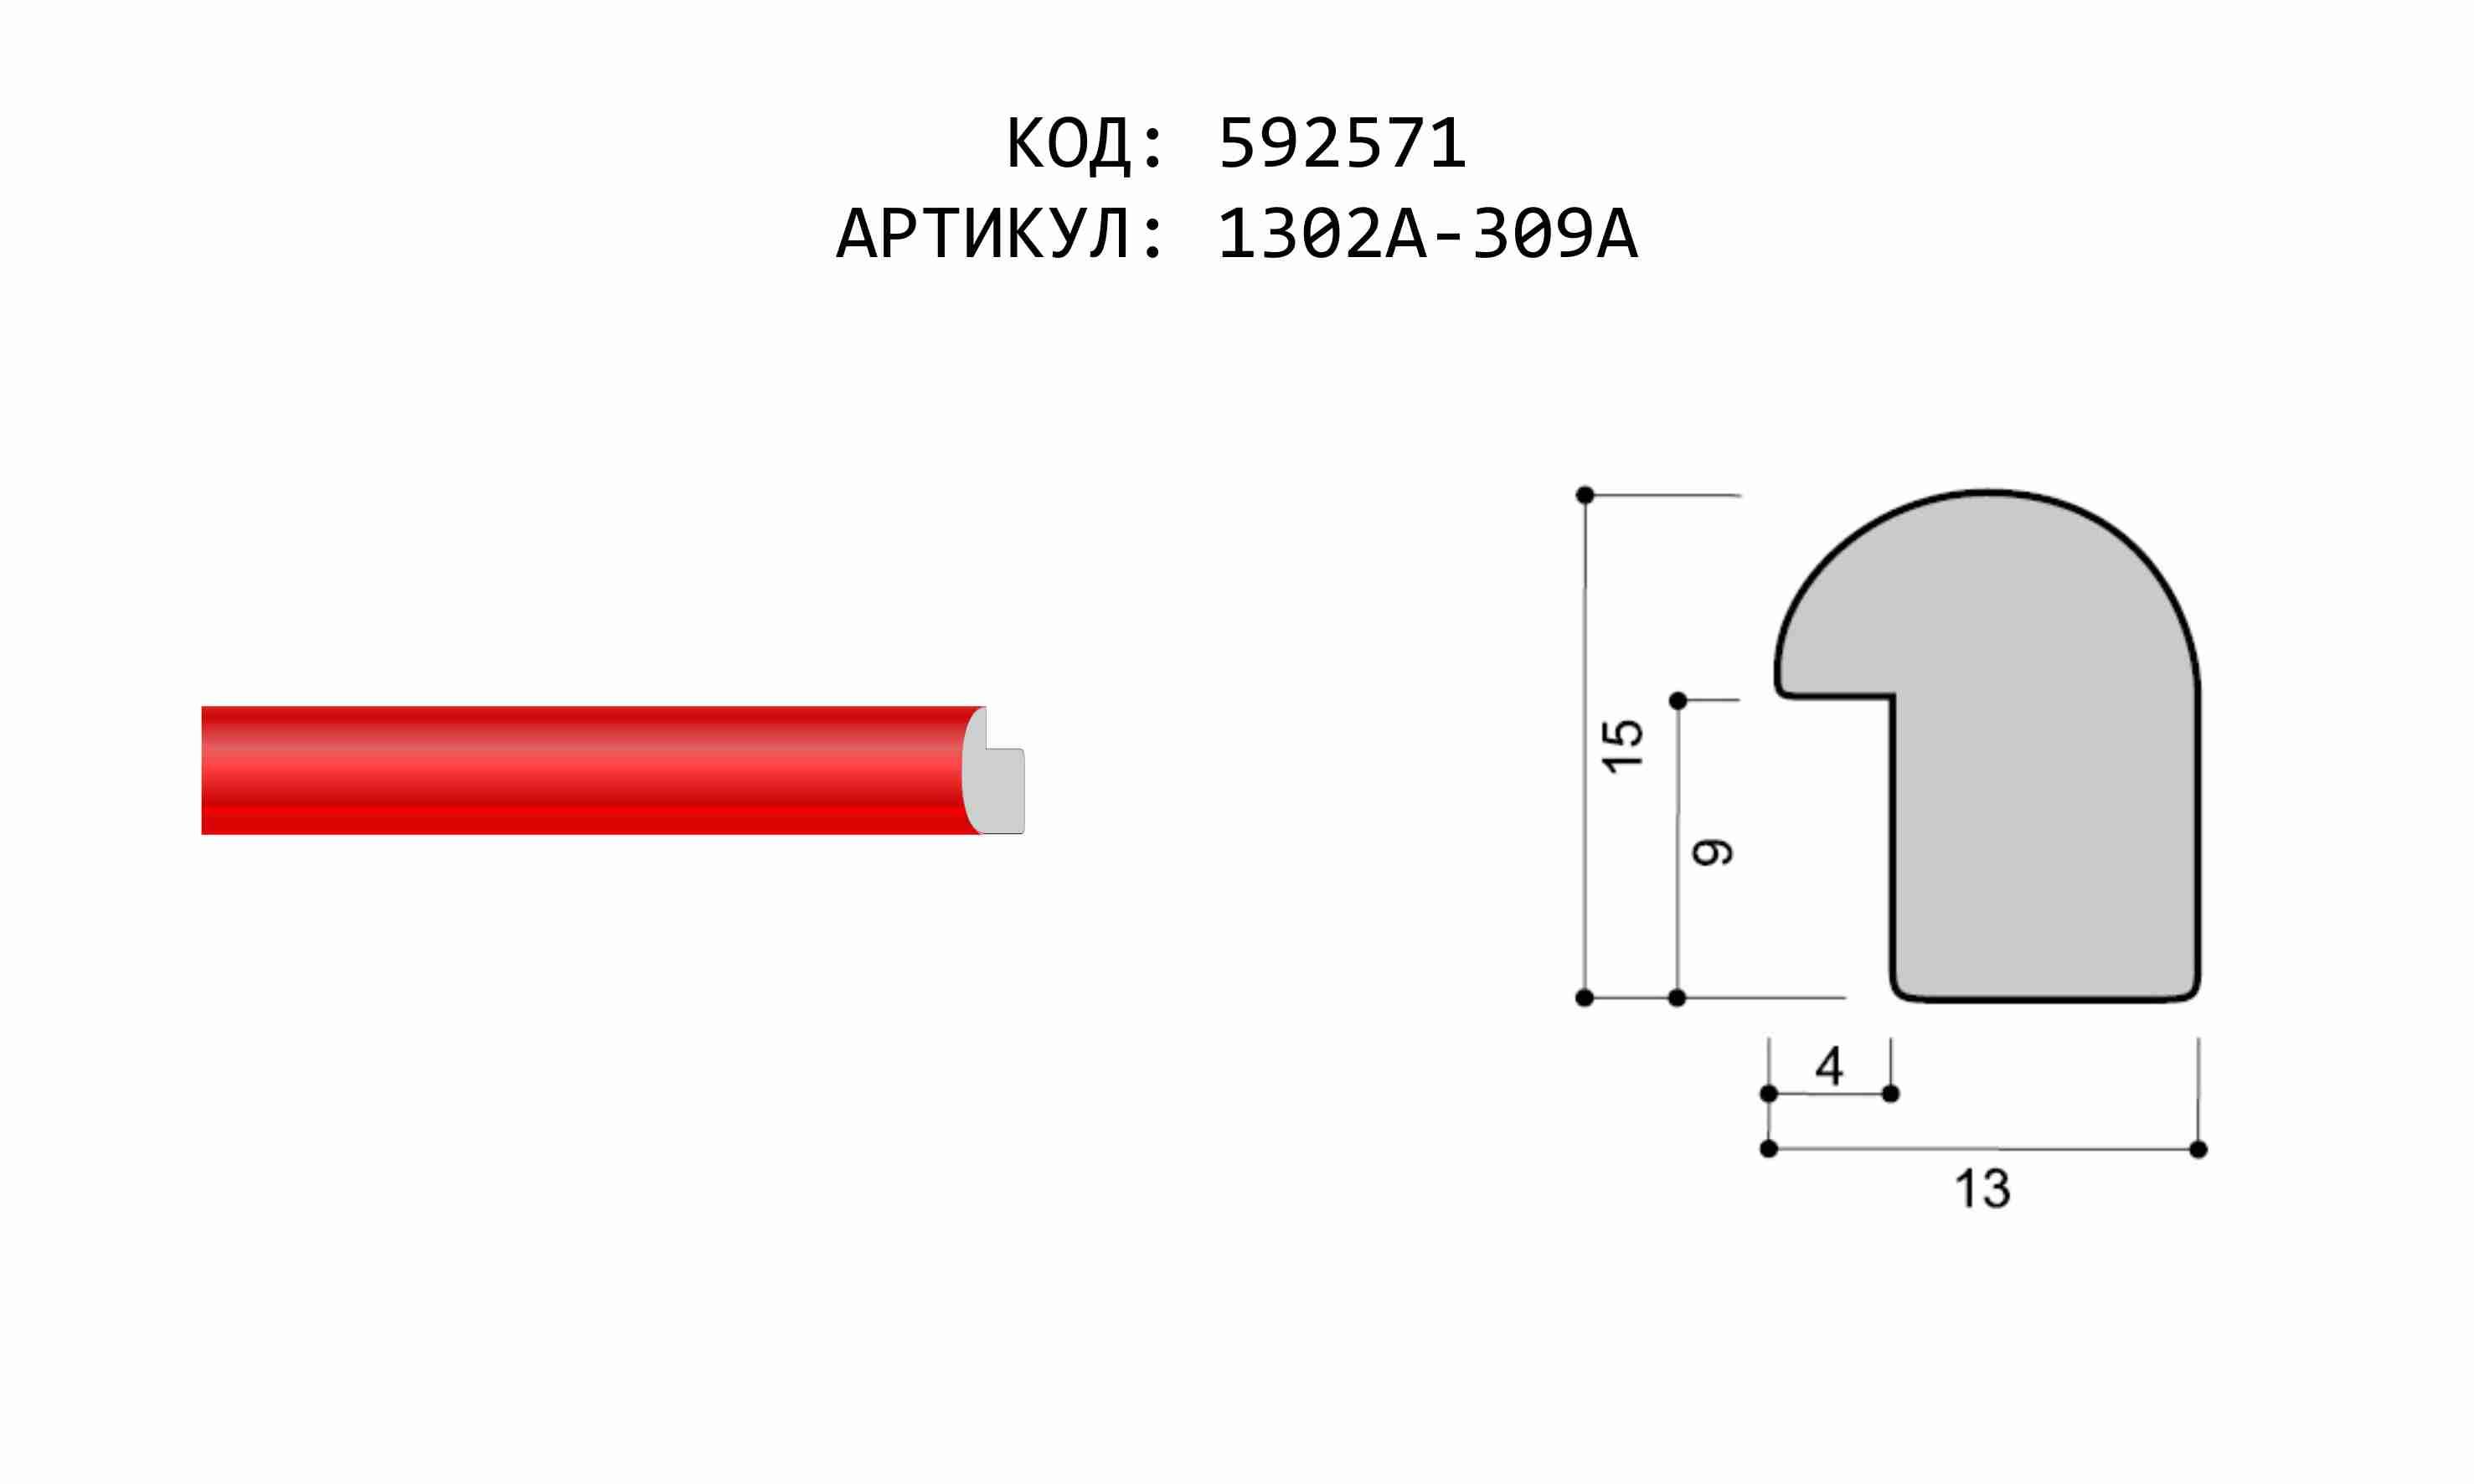 Артикул: 1302A-309A